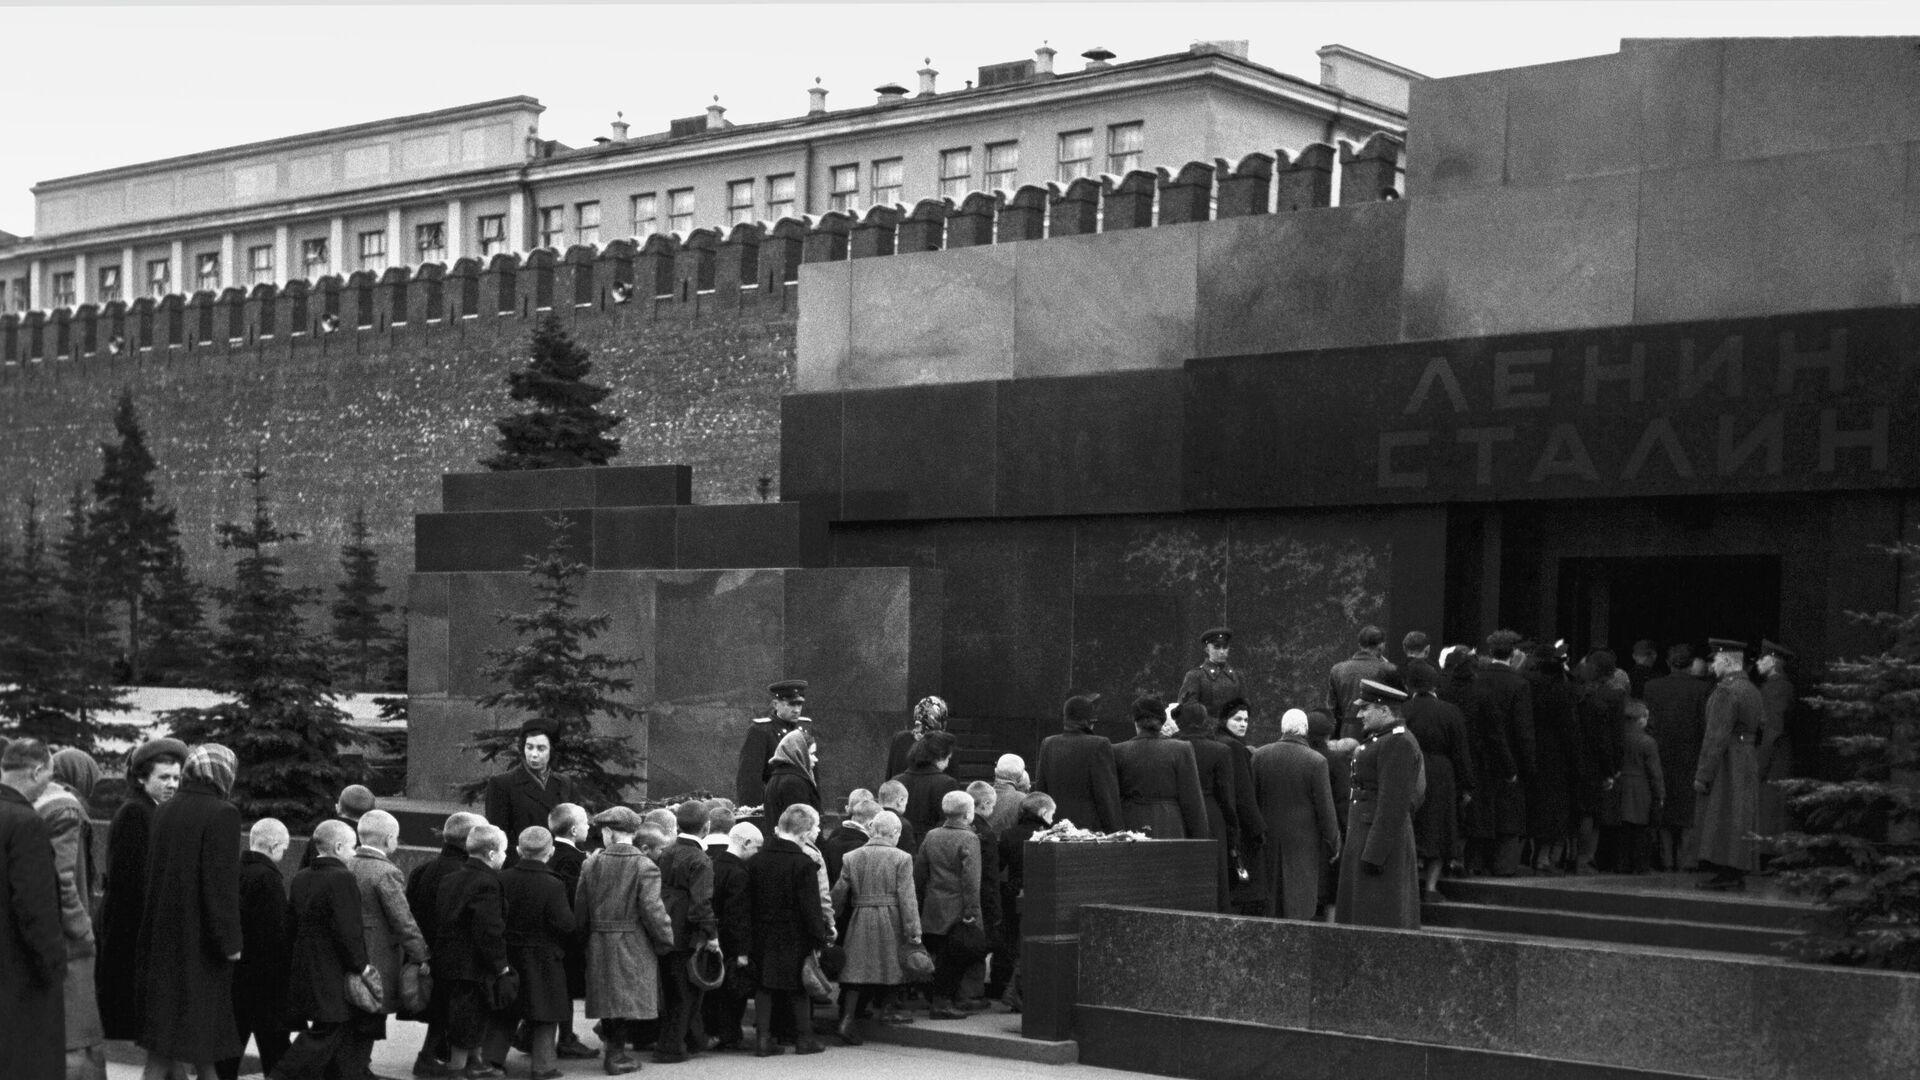 Очередь в Мавзолей В.И.Ленина и И.В.Сталина на Красной площади в Москве. 1957 год. - РИА Новости, 1920, 31.10.2020